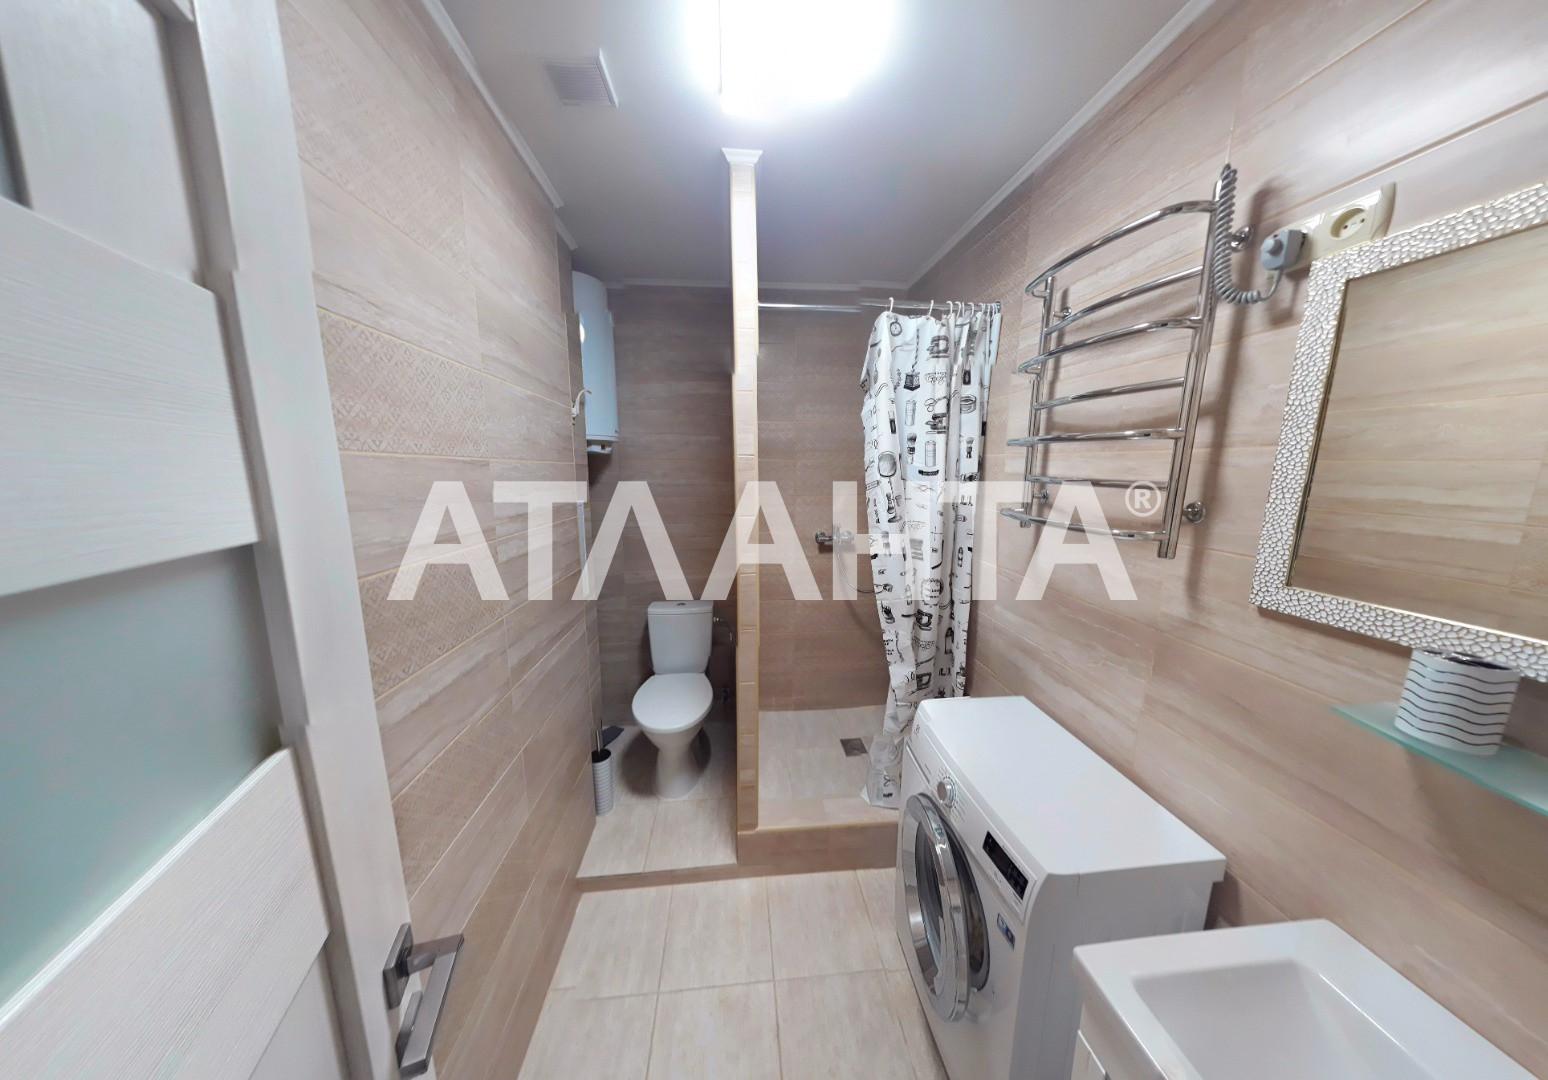 Продается 1-комнатная Квартира на ул. Ул. Луценко Дмитрия — 58 000 у.е. (фото №6)